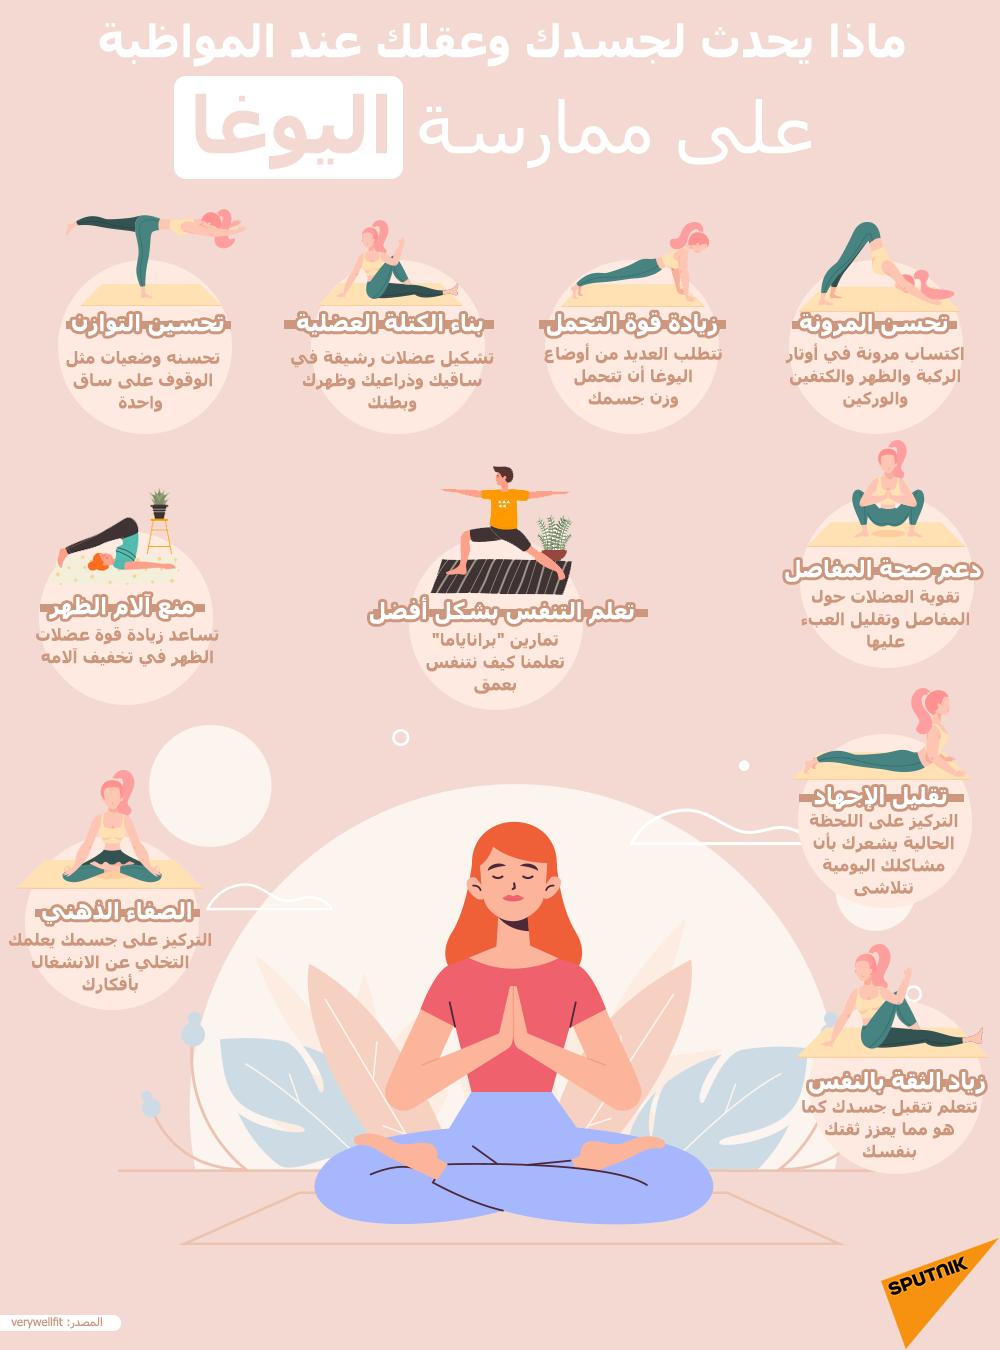 ماذا يحدث لجسدك وعقلك عند المواظبة على ممارسة اليوغا